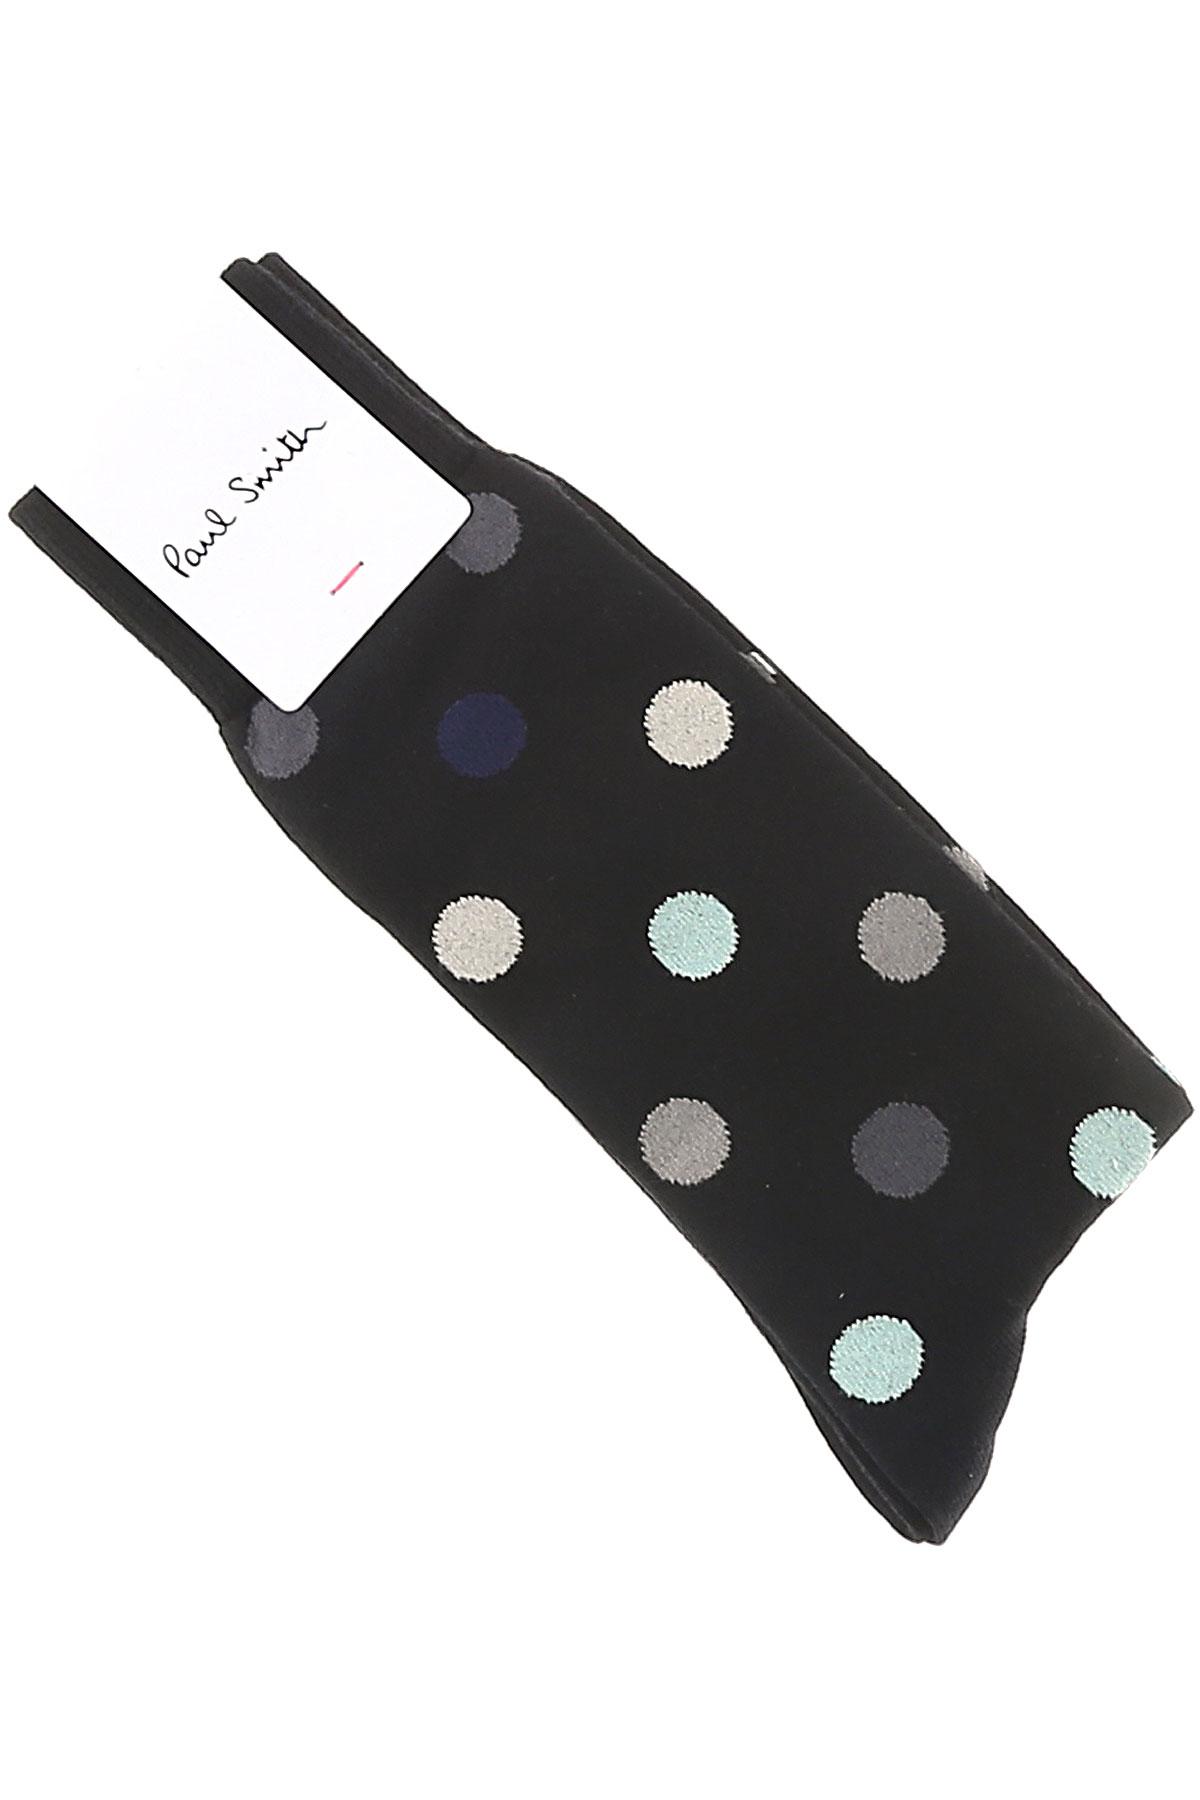 Image of Paul Smith Socks Socks for Men, Black, Cotton, 2017